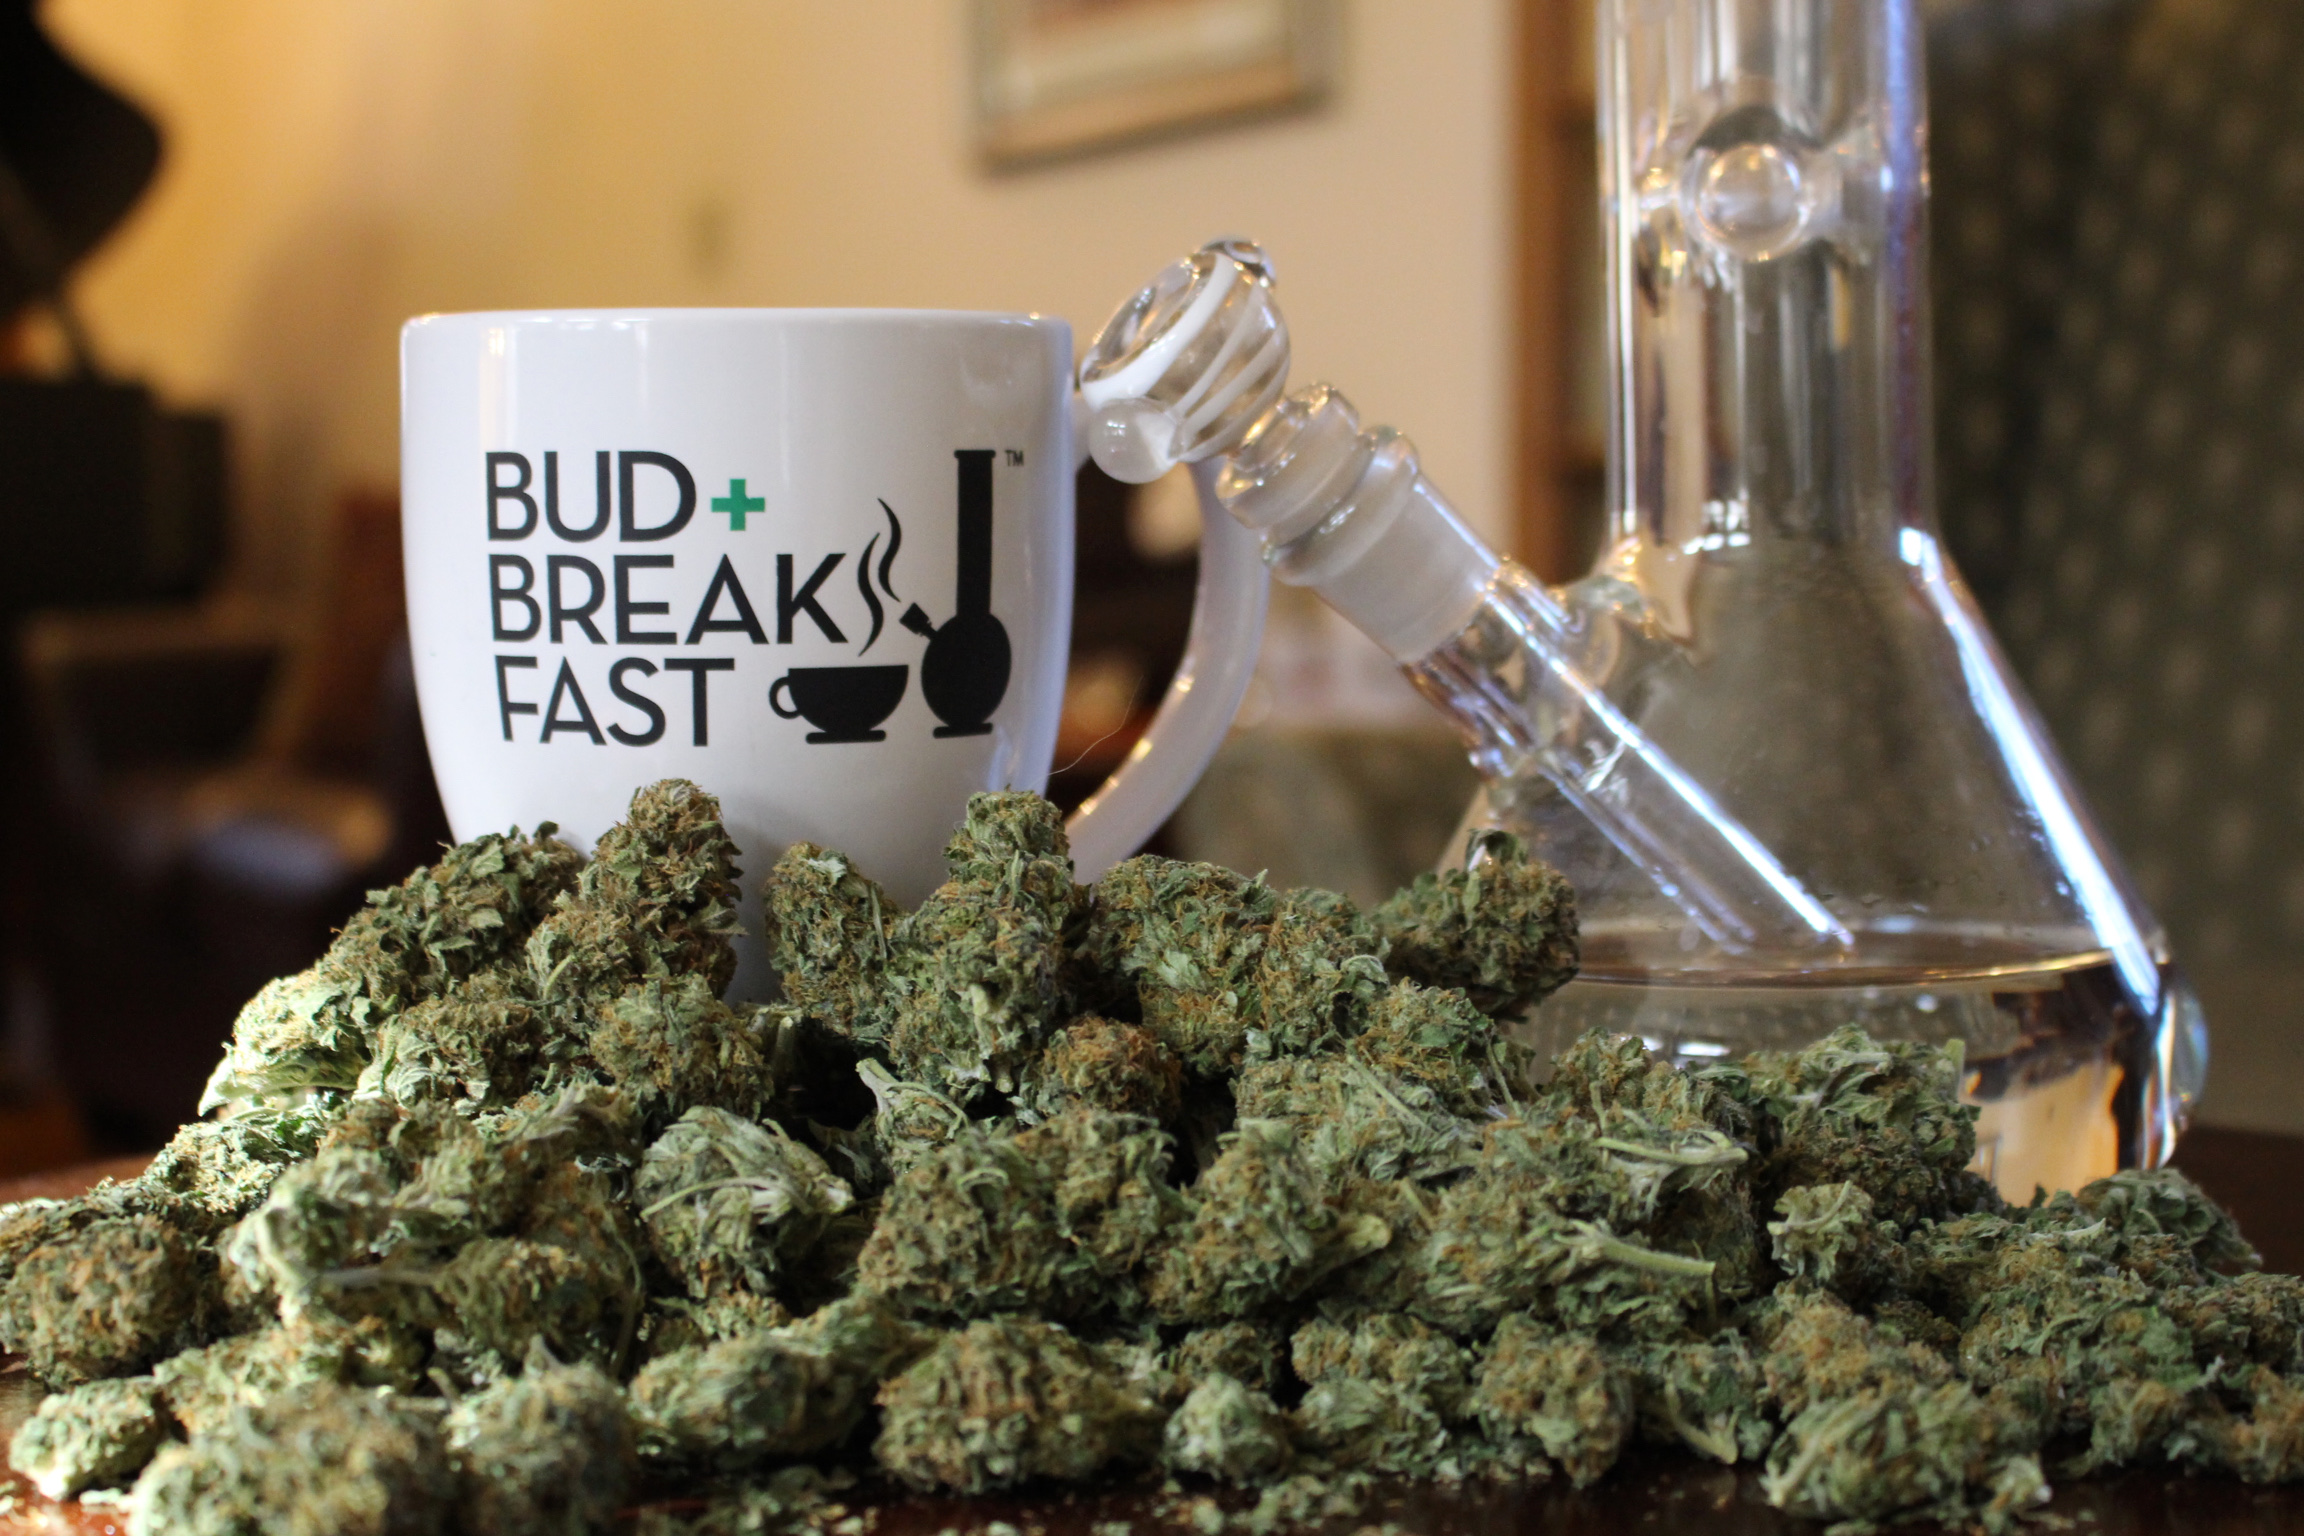 Bud+Breakfast